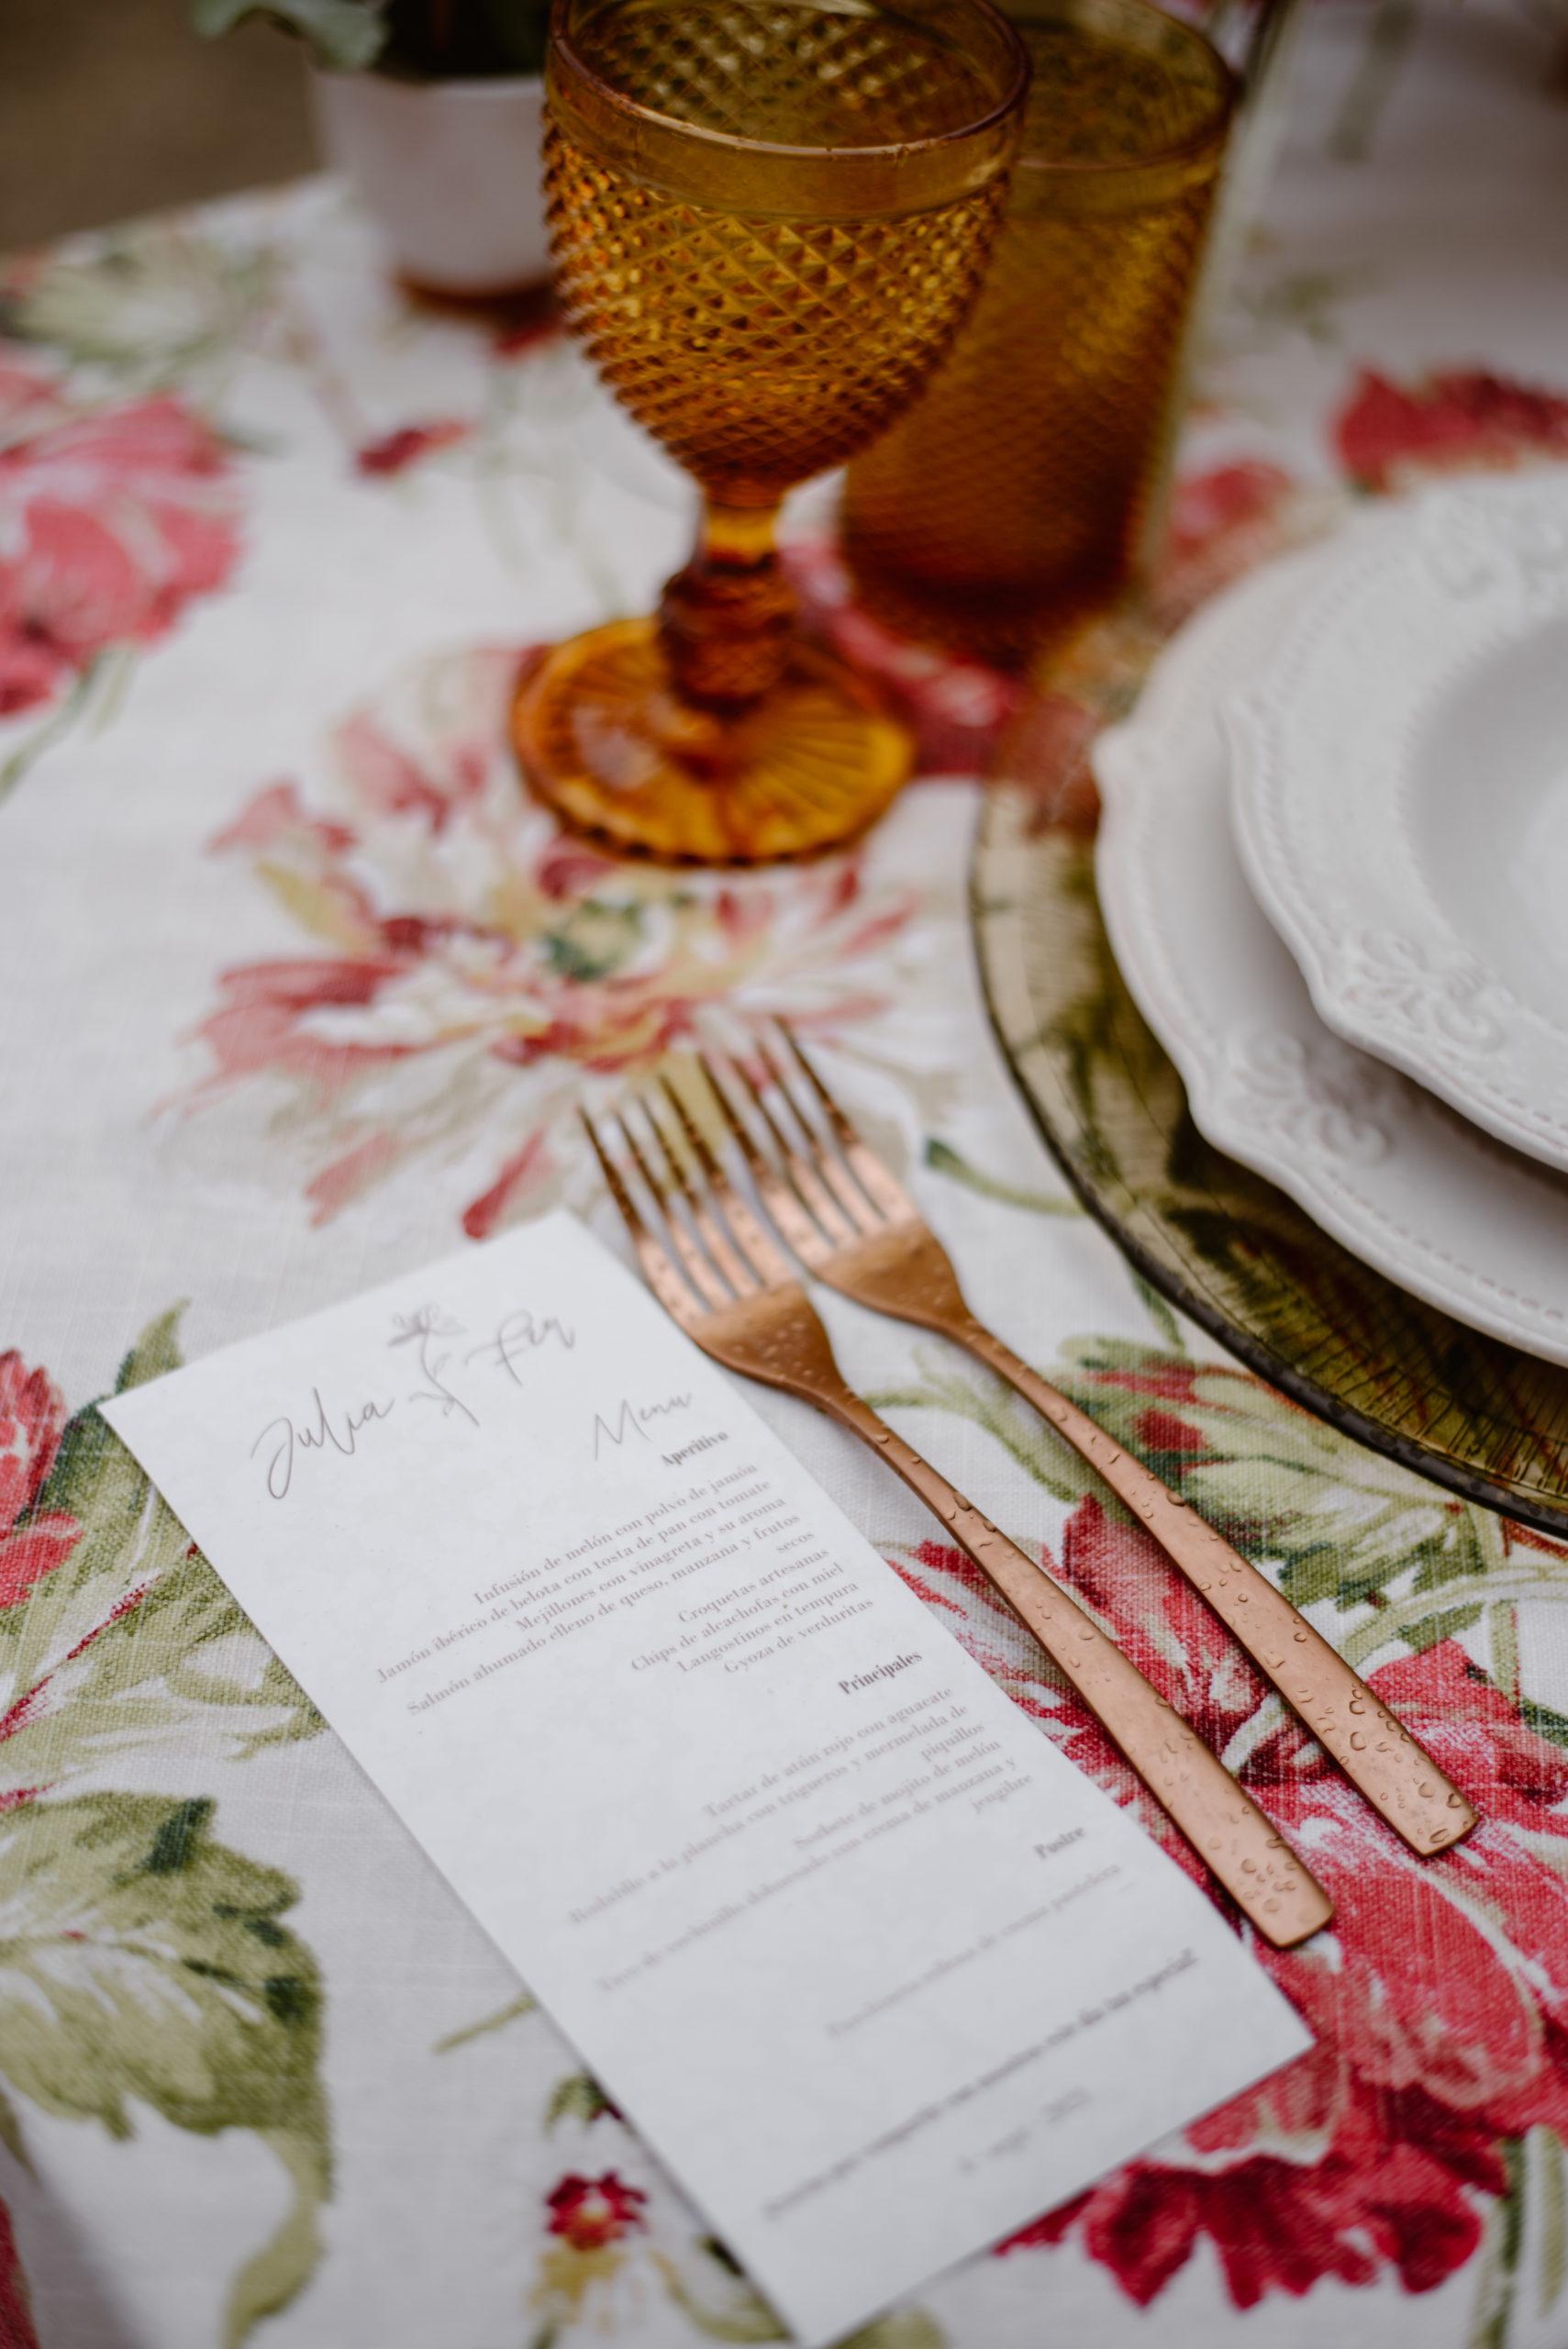 Minutas personalizadas para banquetes y bajoplatos, platos y copas de colores en alquiler.